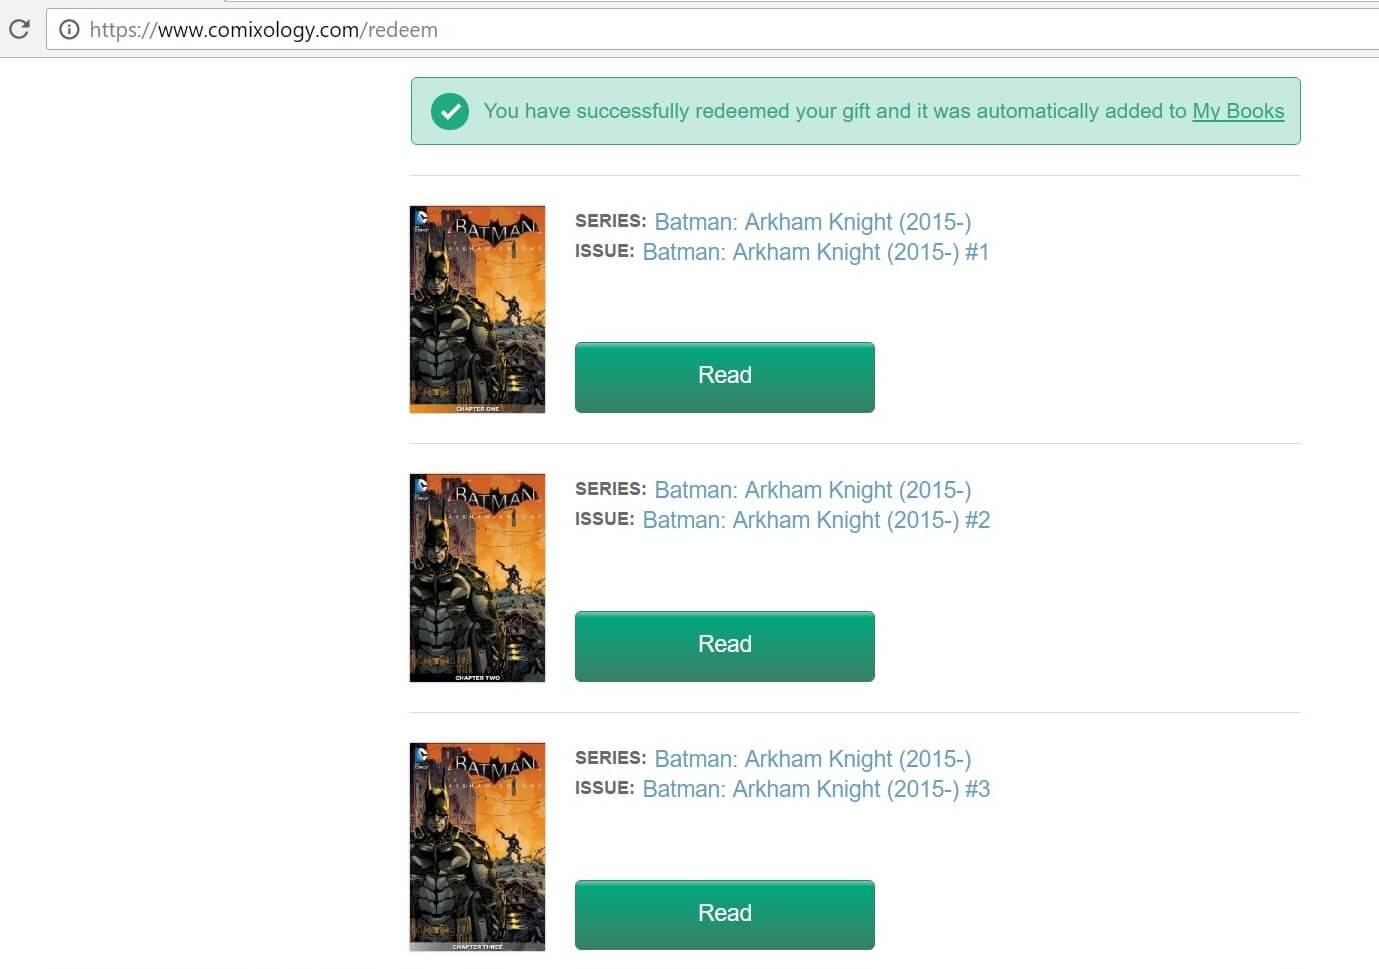 133 hqs grátis em inglês. Se você gosta de histórias em quadrinhos vai ficar feliz em saber que a plataforma digitalcomixology está oferendo 133 hqs grátis. Amá notícia é que são todas em inglês.